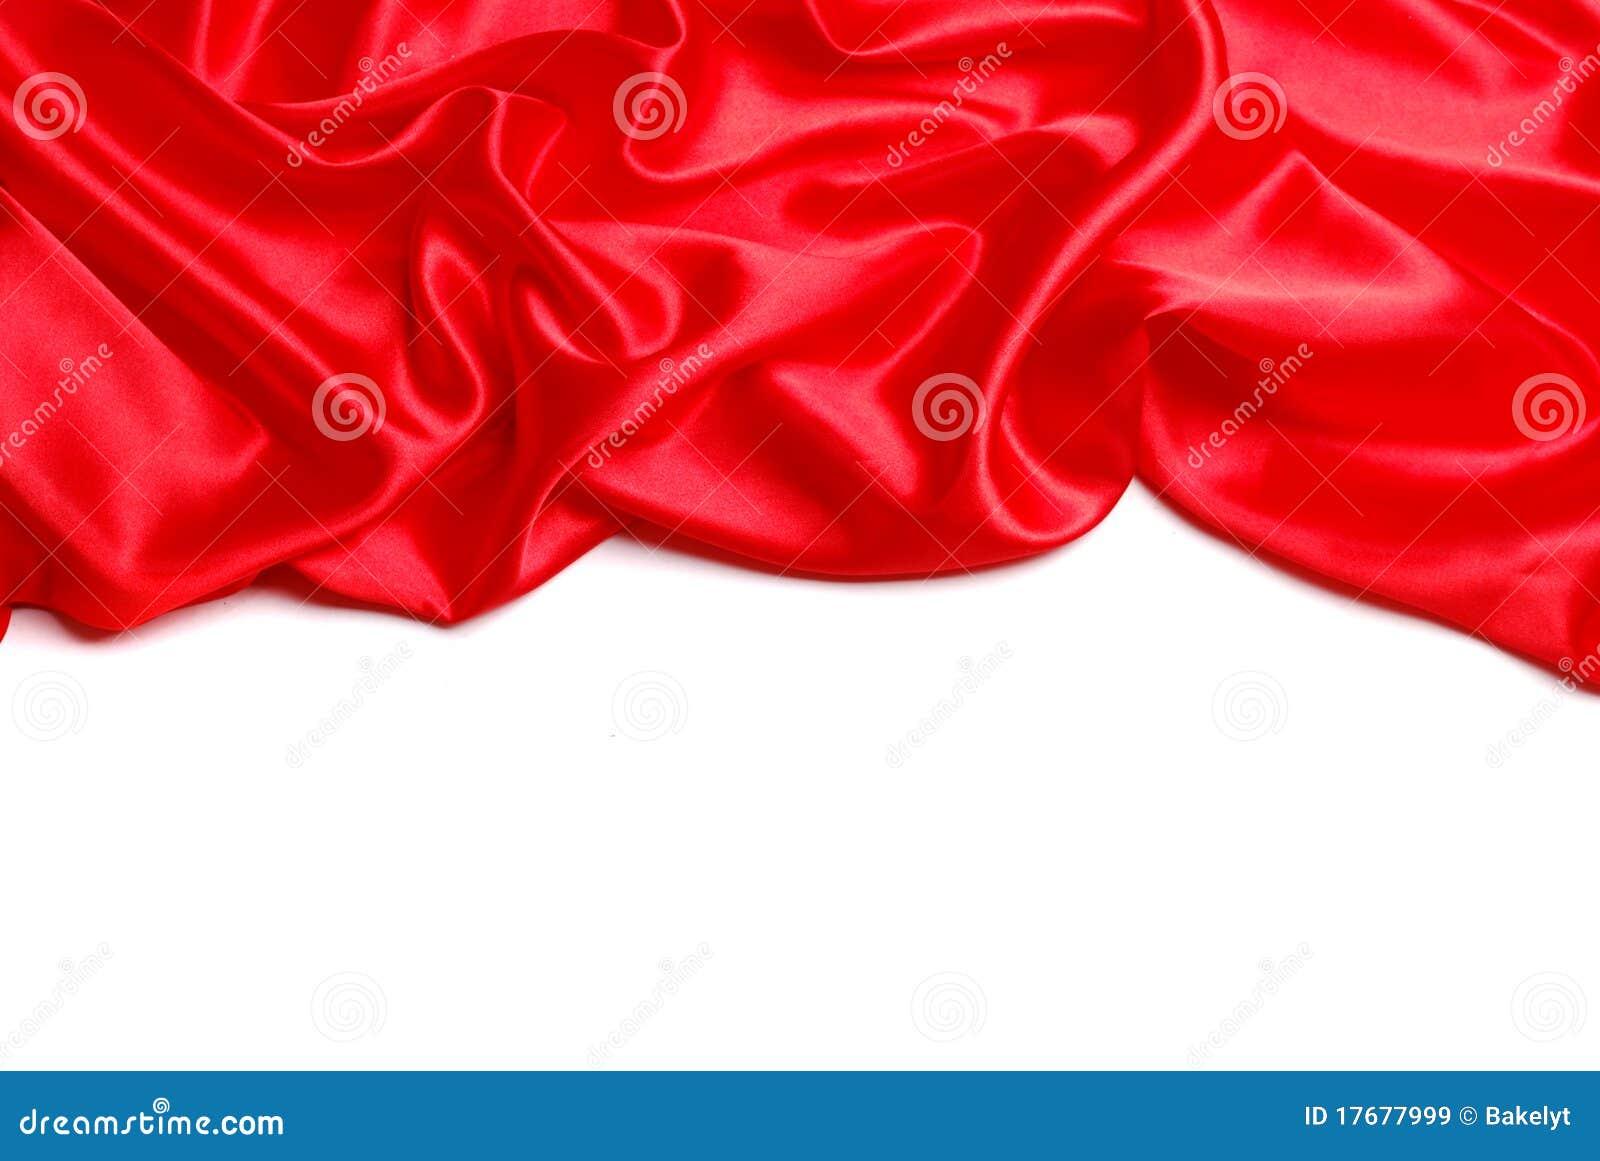 Czerwony atłas